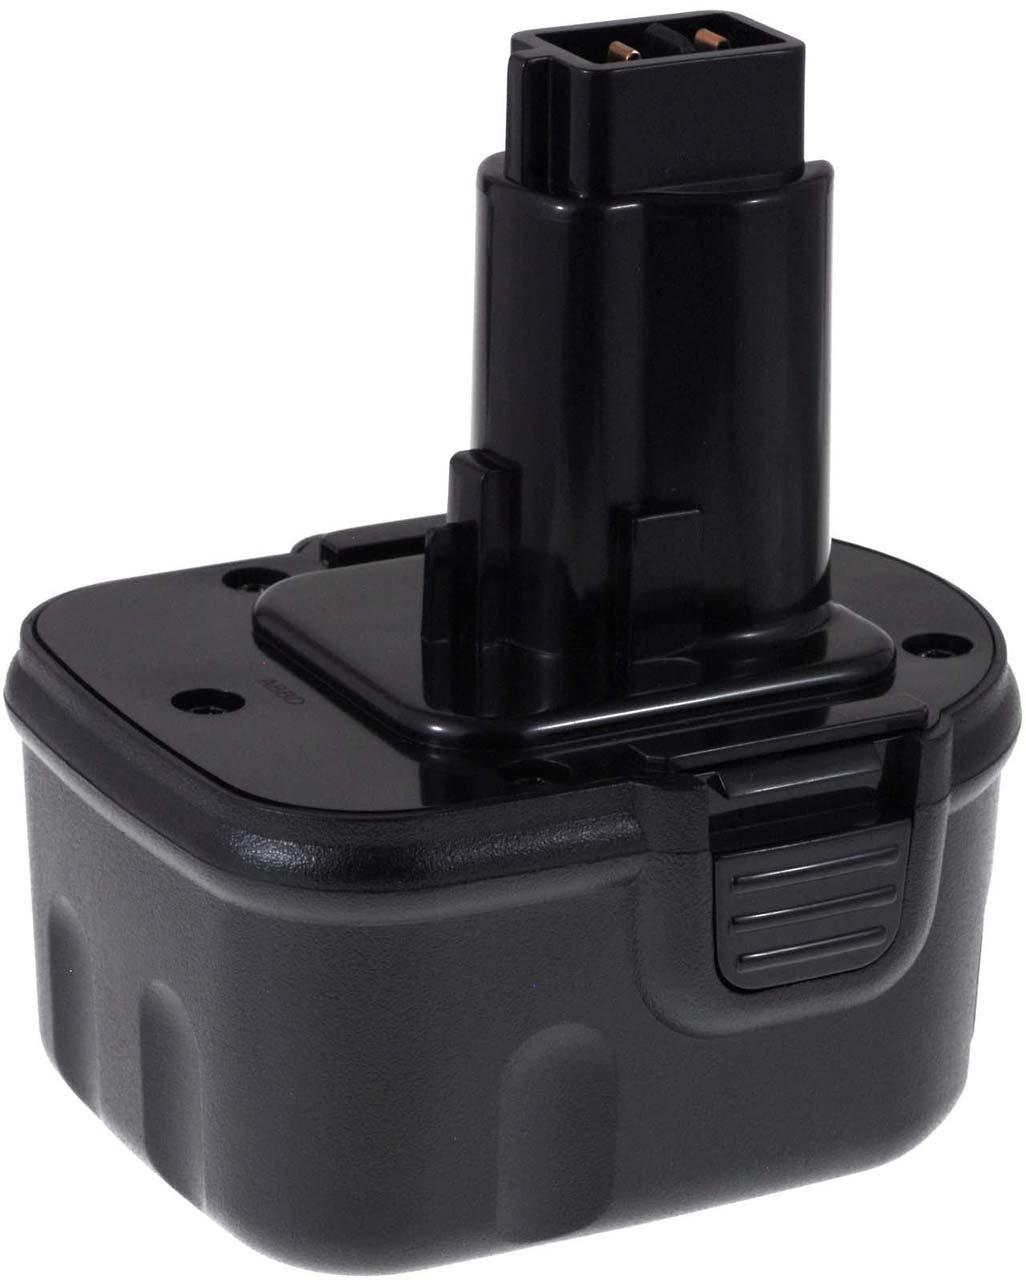 Batteria compatibile per ELU tipo DW9075 3000mAh gia. cella, NiMH, 12V, 36Wh, nero